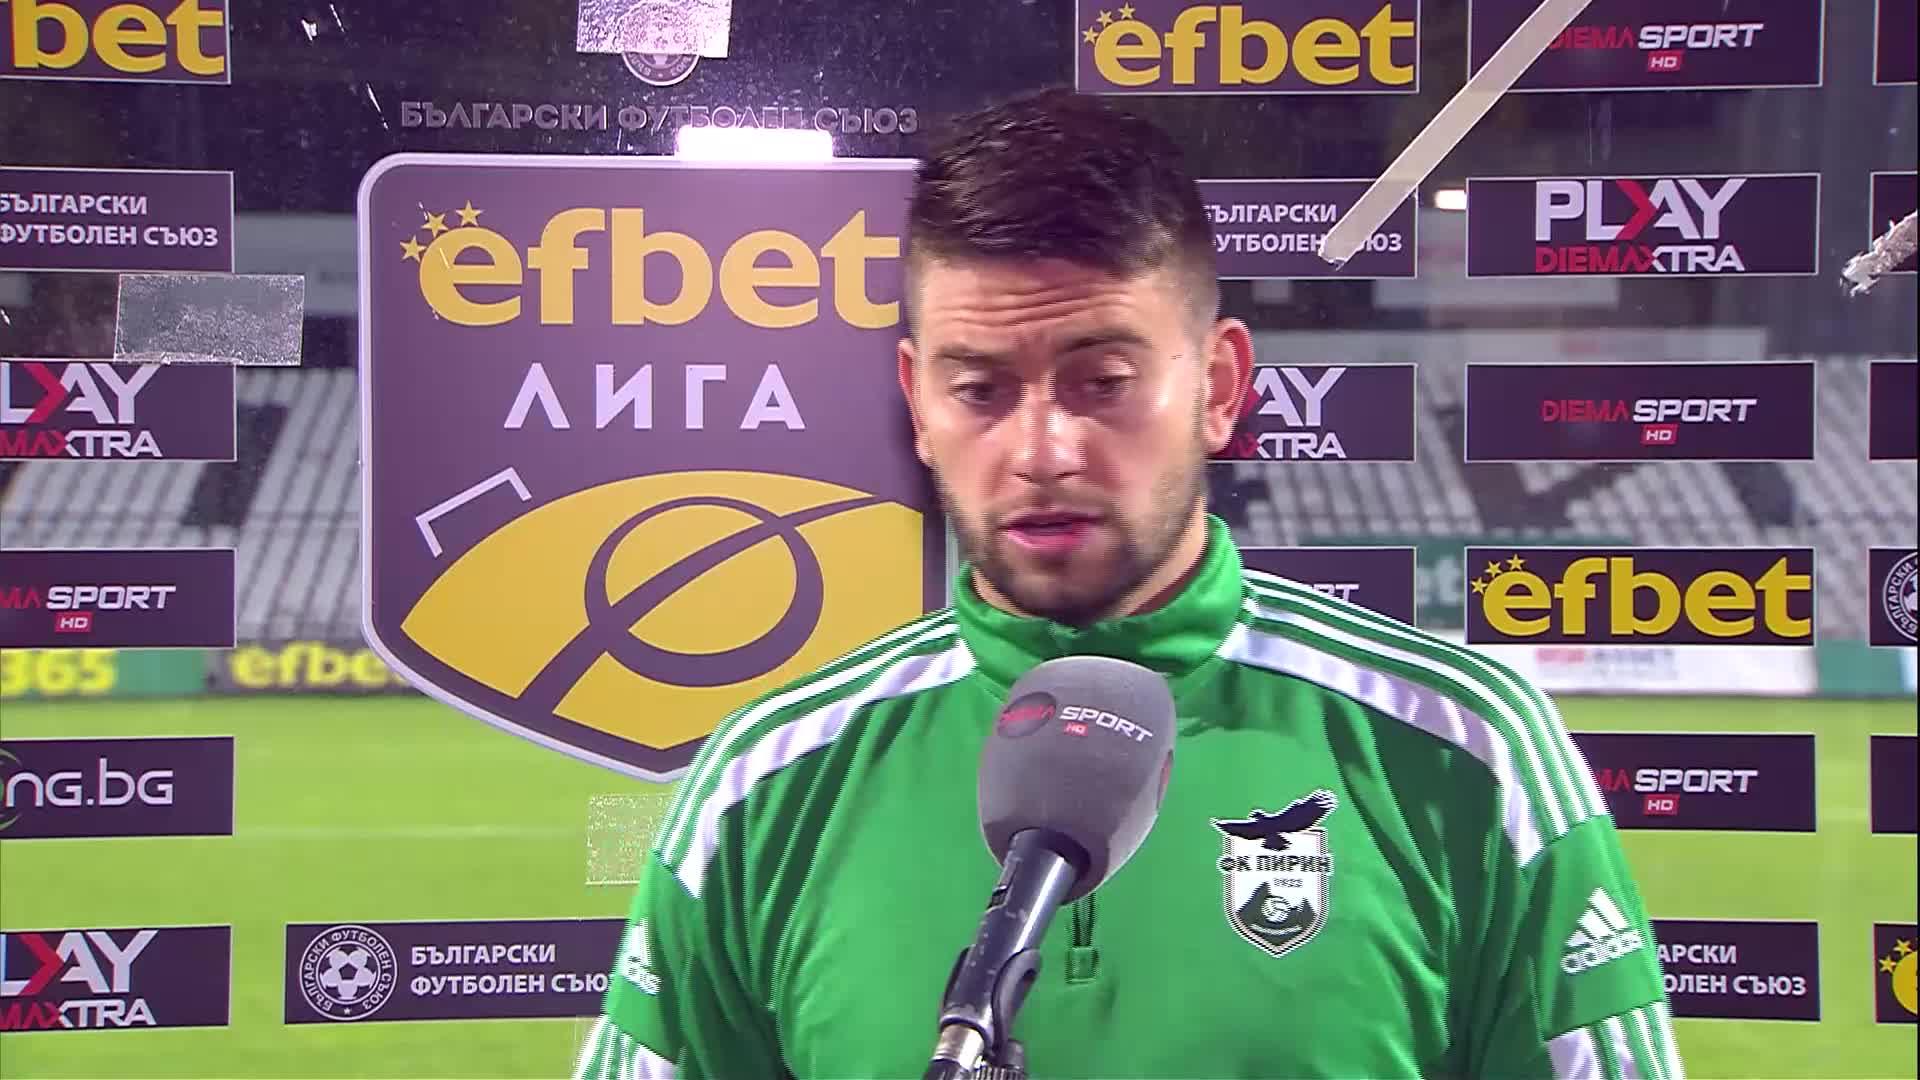 Костов: Бяхме по-добри, заслужавахме трите точки